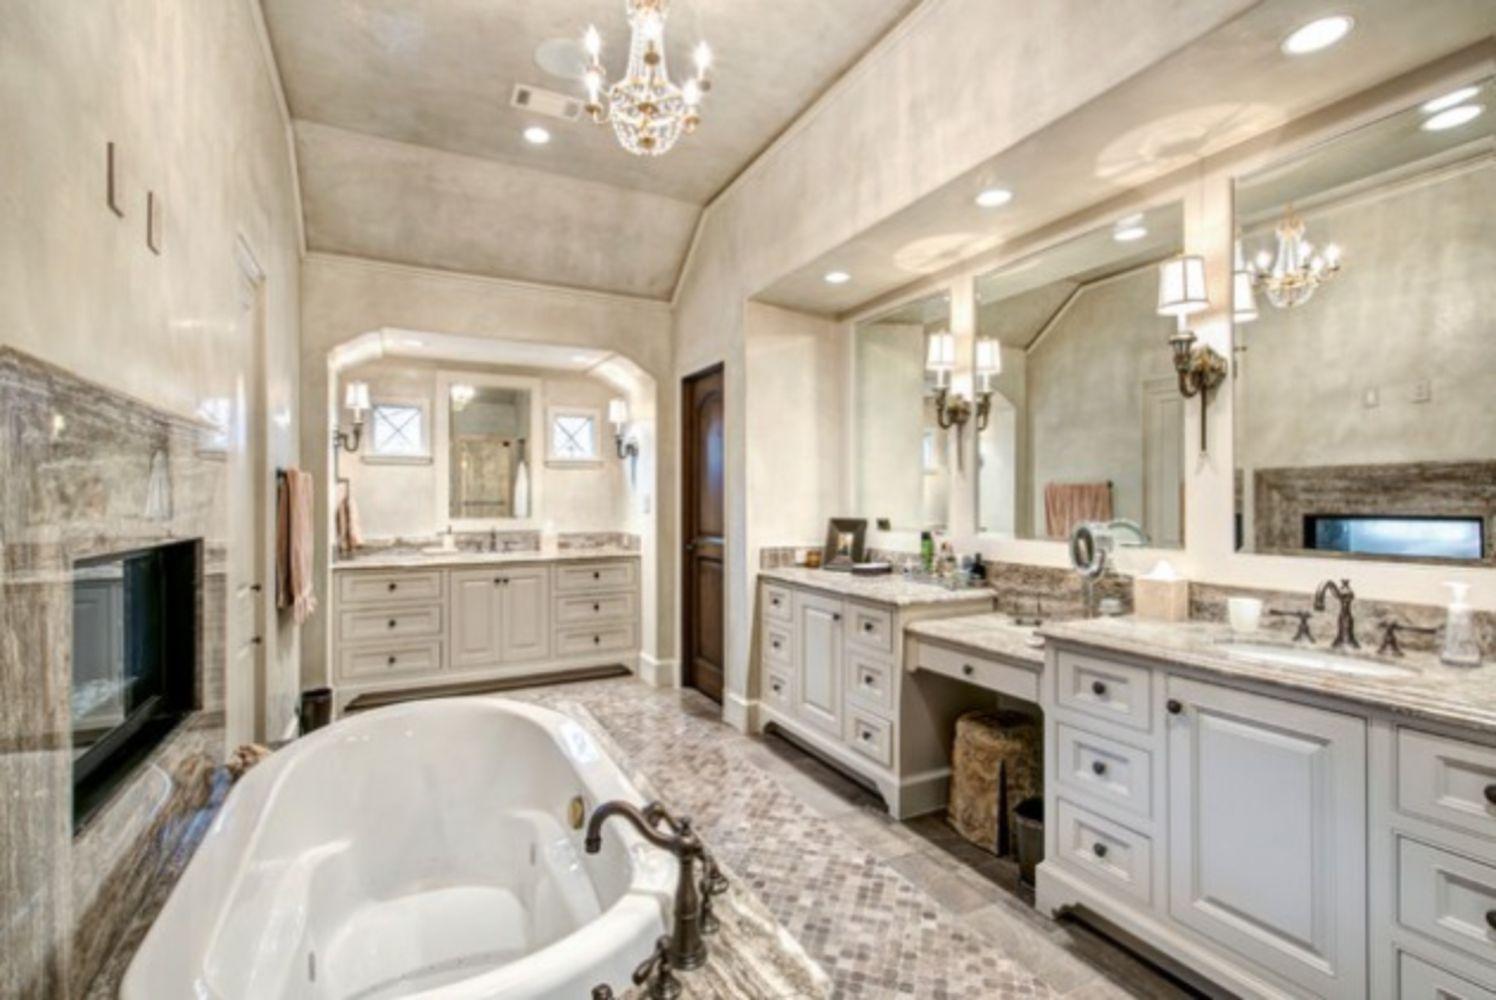 Amazing 40 Fabulous Mediterranean Bathroom Design Ideas https ...